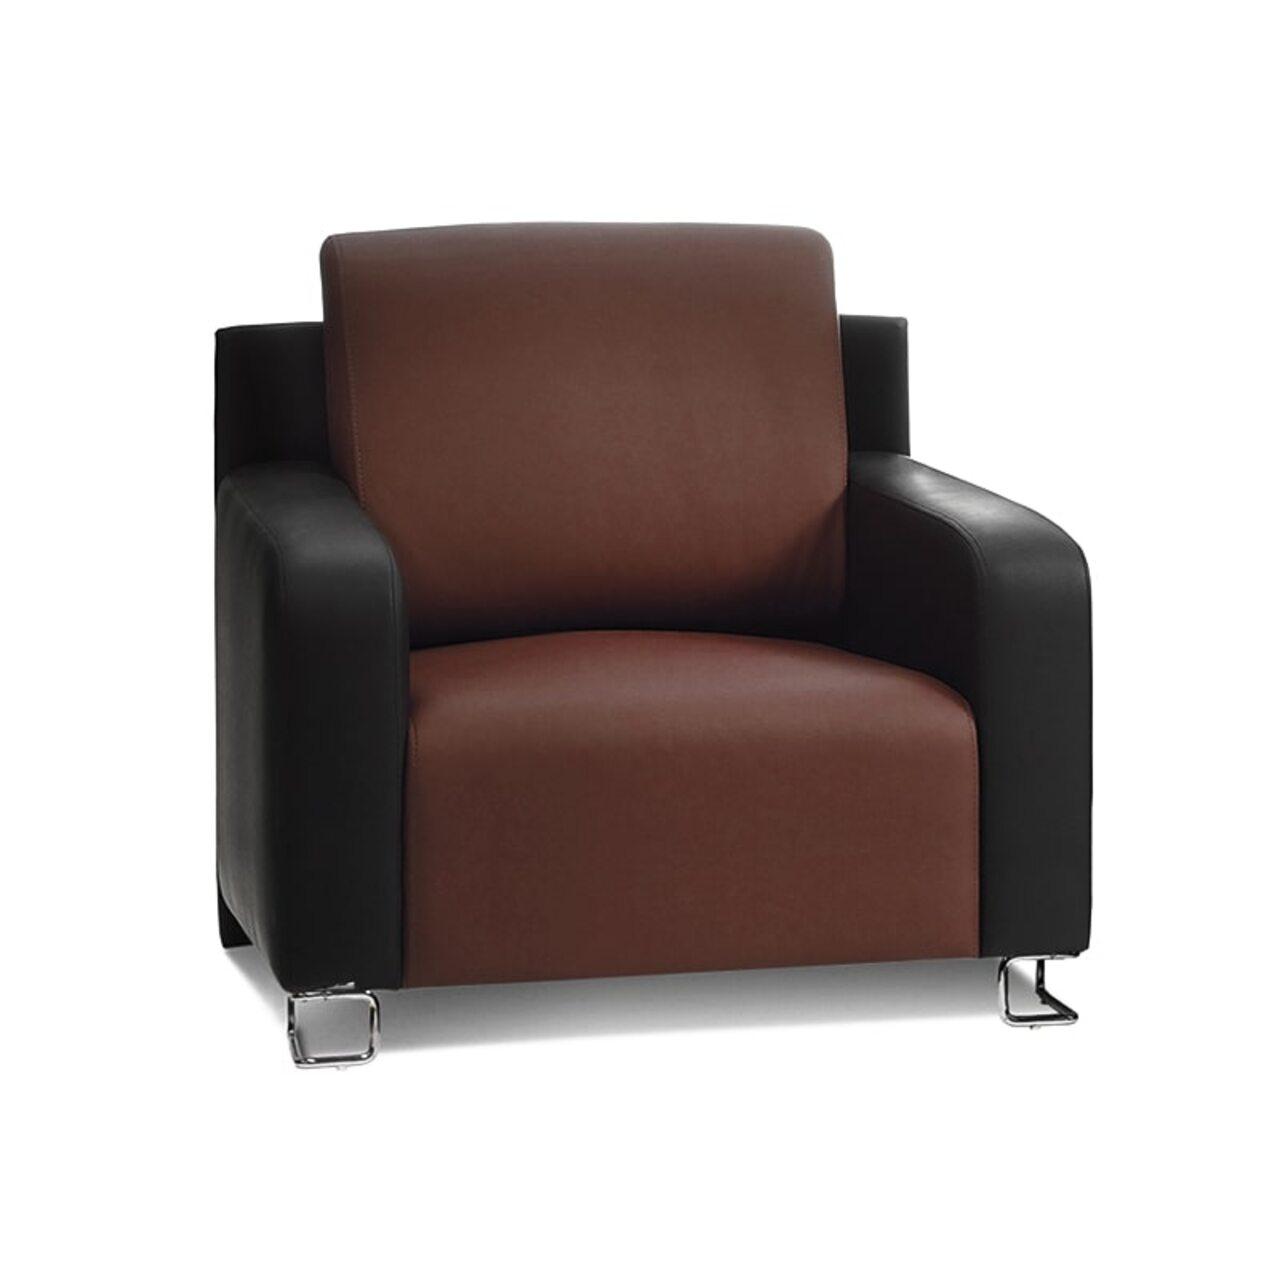 Кресло  Муссон 88x85x78 - фото 2